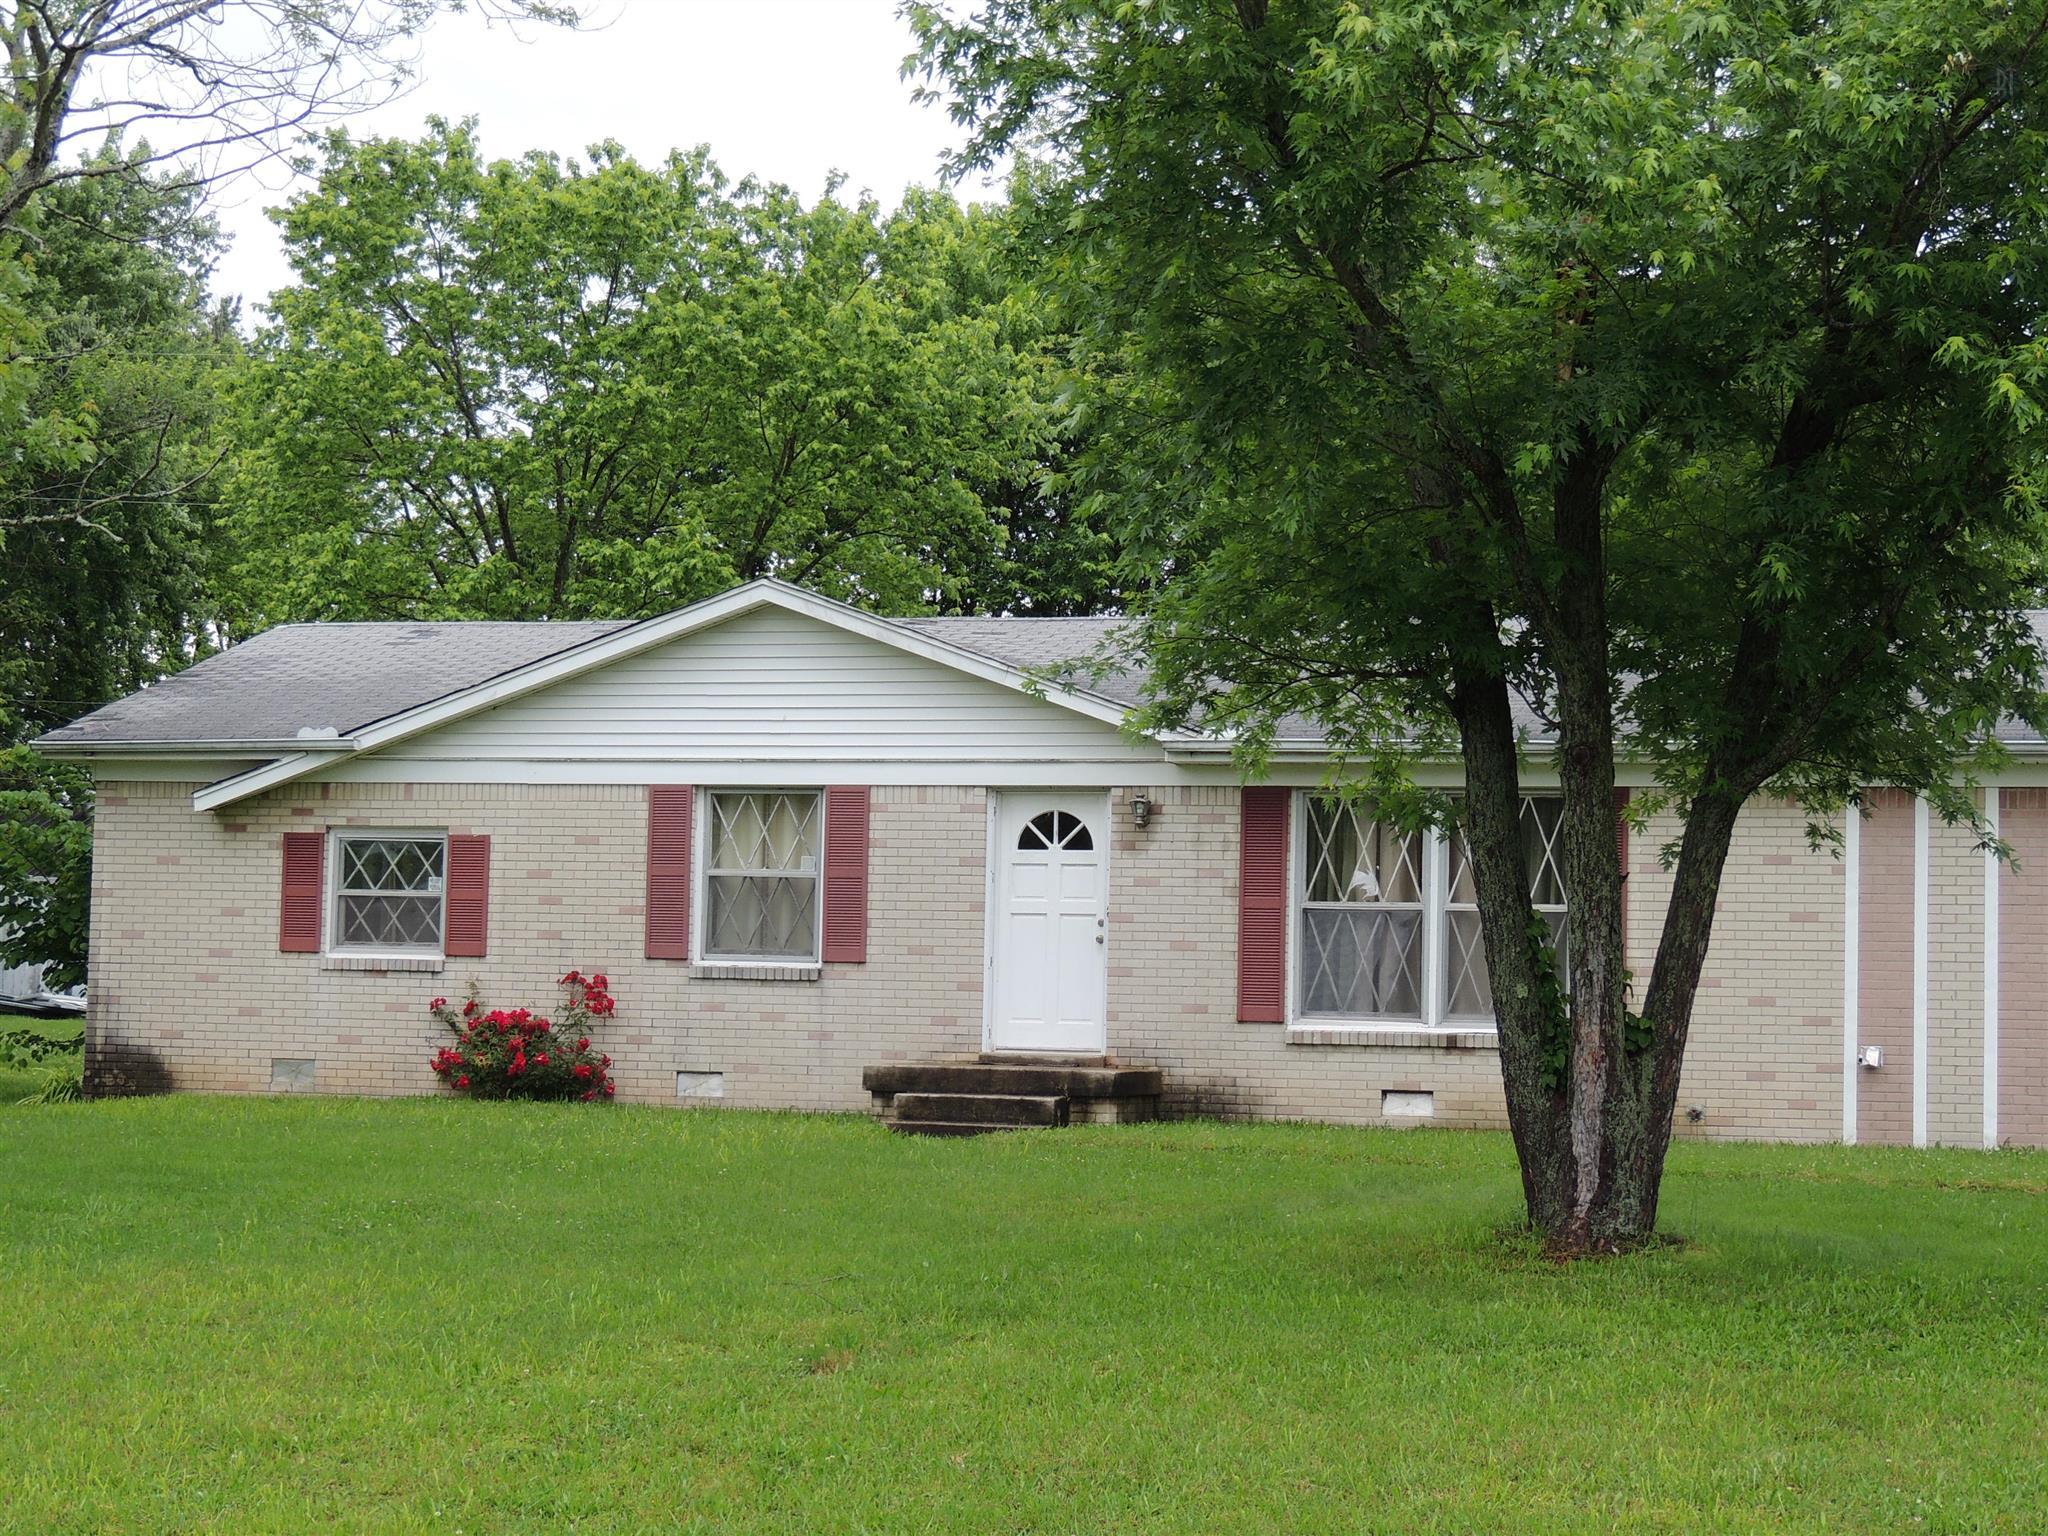 209 Orchard rd, Clarksville, TN 37042